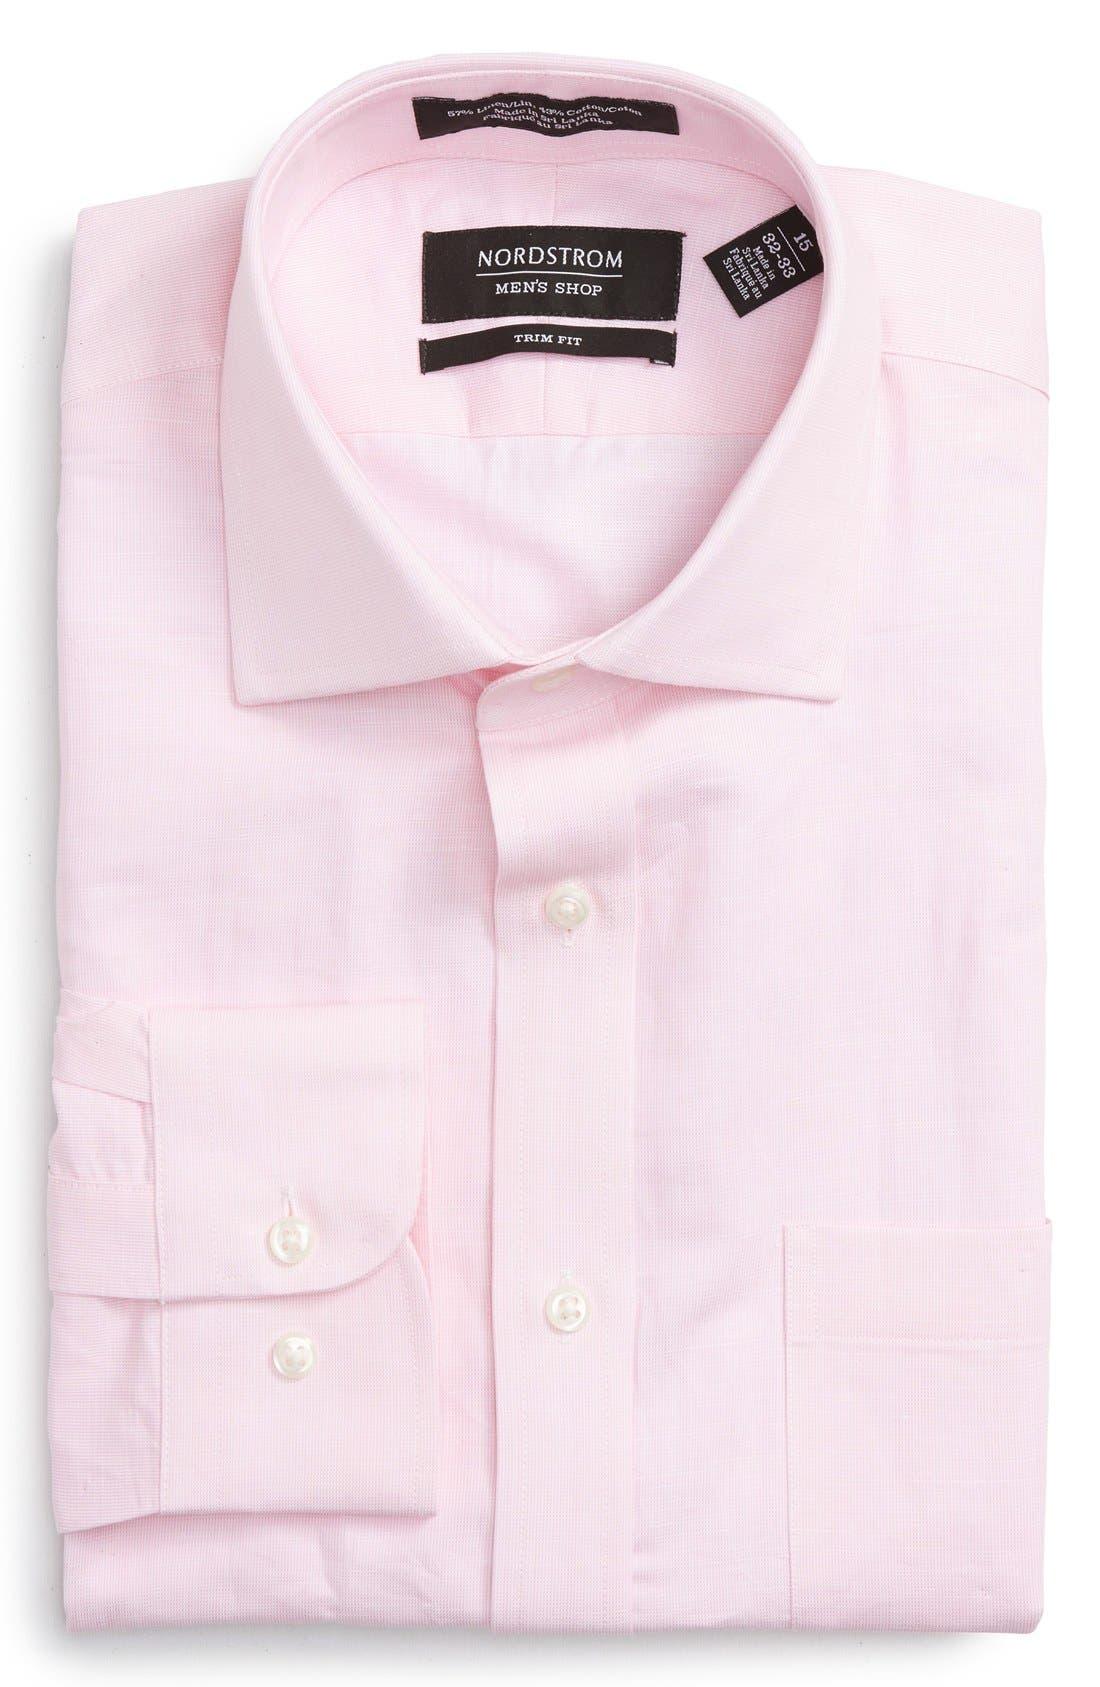 Main Image - Nordstrom Men's Shop Trim Fit Solid Linen & Cotton Dress Shirt